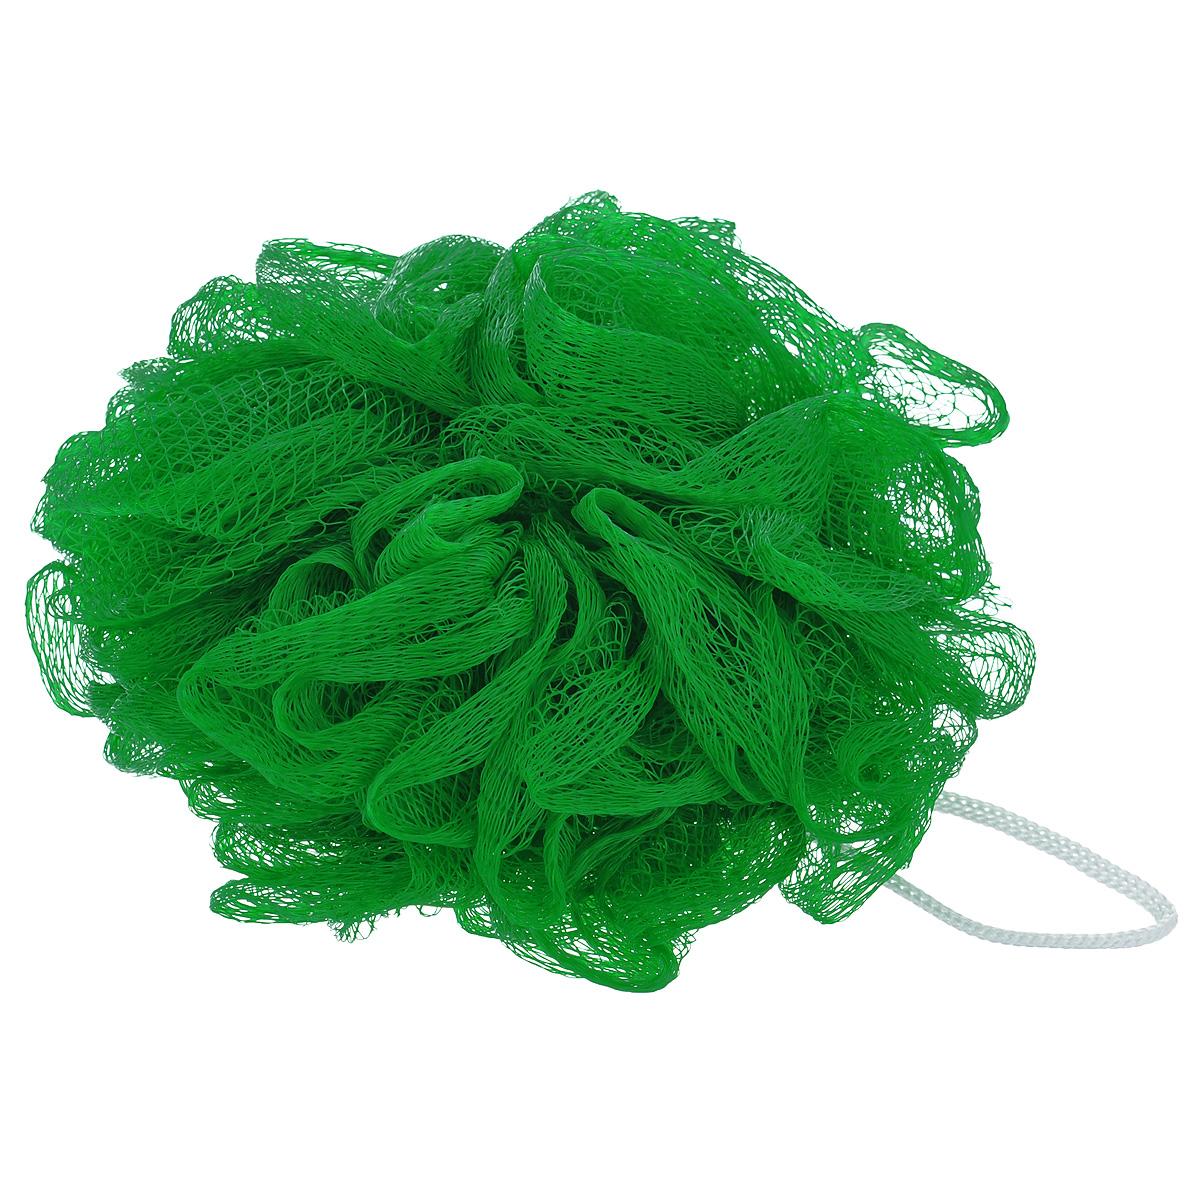 Мочалка массажная Eva Бантик, средней жесткости, цвет: зеленый, диаметр 12 смМС50_зеленыйМочалка Eva Бантик, выполненная из нейлона, станет незаменимым аксессуаром в ванной комнате. Благодаря своему составу она отлично пенится. Мочалка оказывает эффект массажа, тонизирует и очищает кожу. На мочалке имеется удобная петелька для подвешивания. Подходит для всех типов кожи и не вызывает аллергию. Диаметр: 12 см.